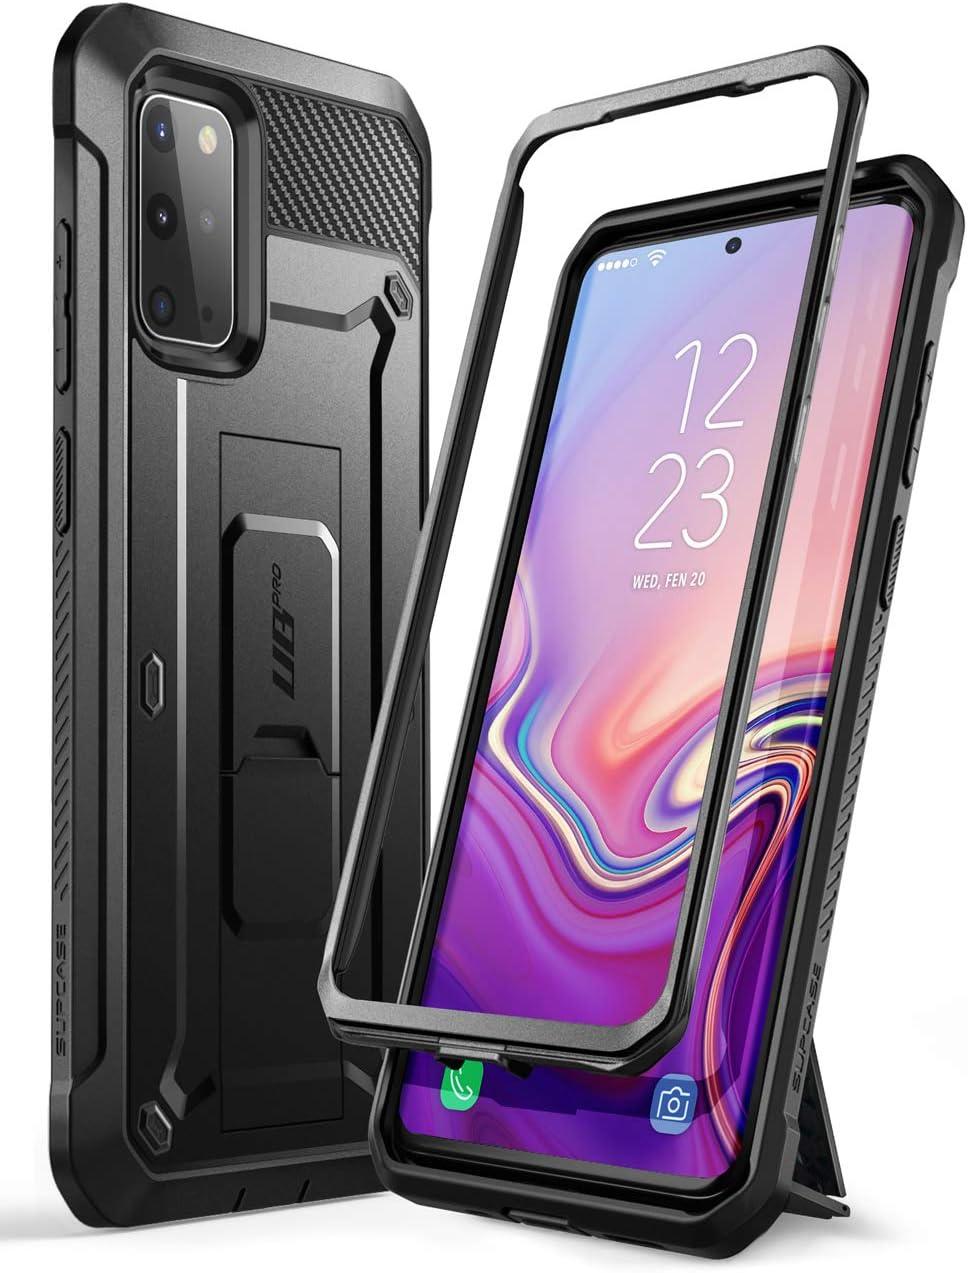 SUPCASE Outdoor Hülle für Samsung Galaxy S20+ Plus Handyhülle Bumper Case Rugged Schutzhülle Cover [Unicorn Beetle Pro] 6.7 Zoll OHNE Displayschutz mit Gürtelclip und Ständer 2020 Ausgabe - Outdoor Case